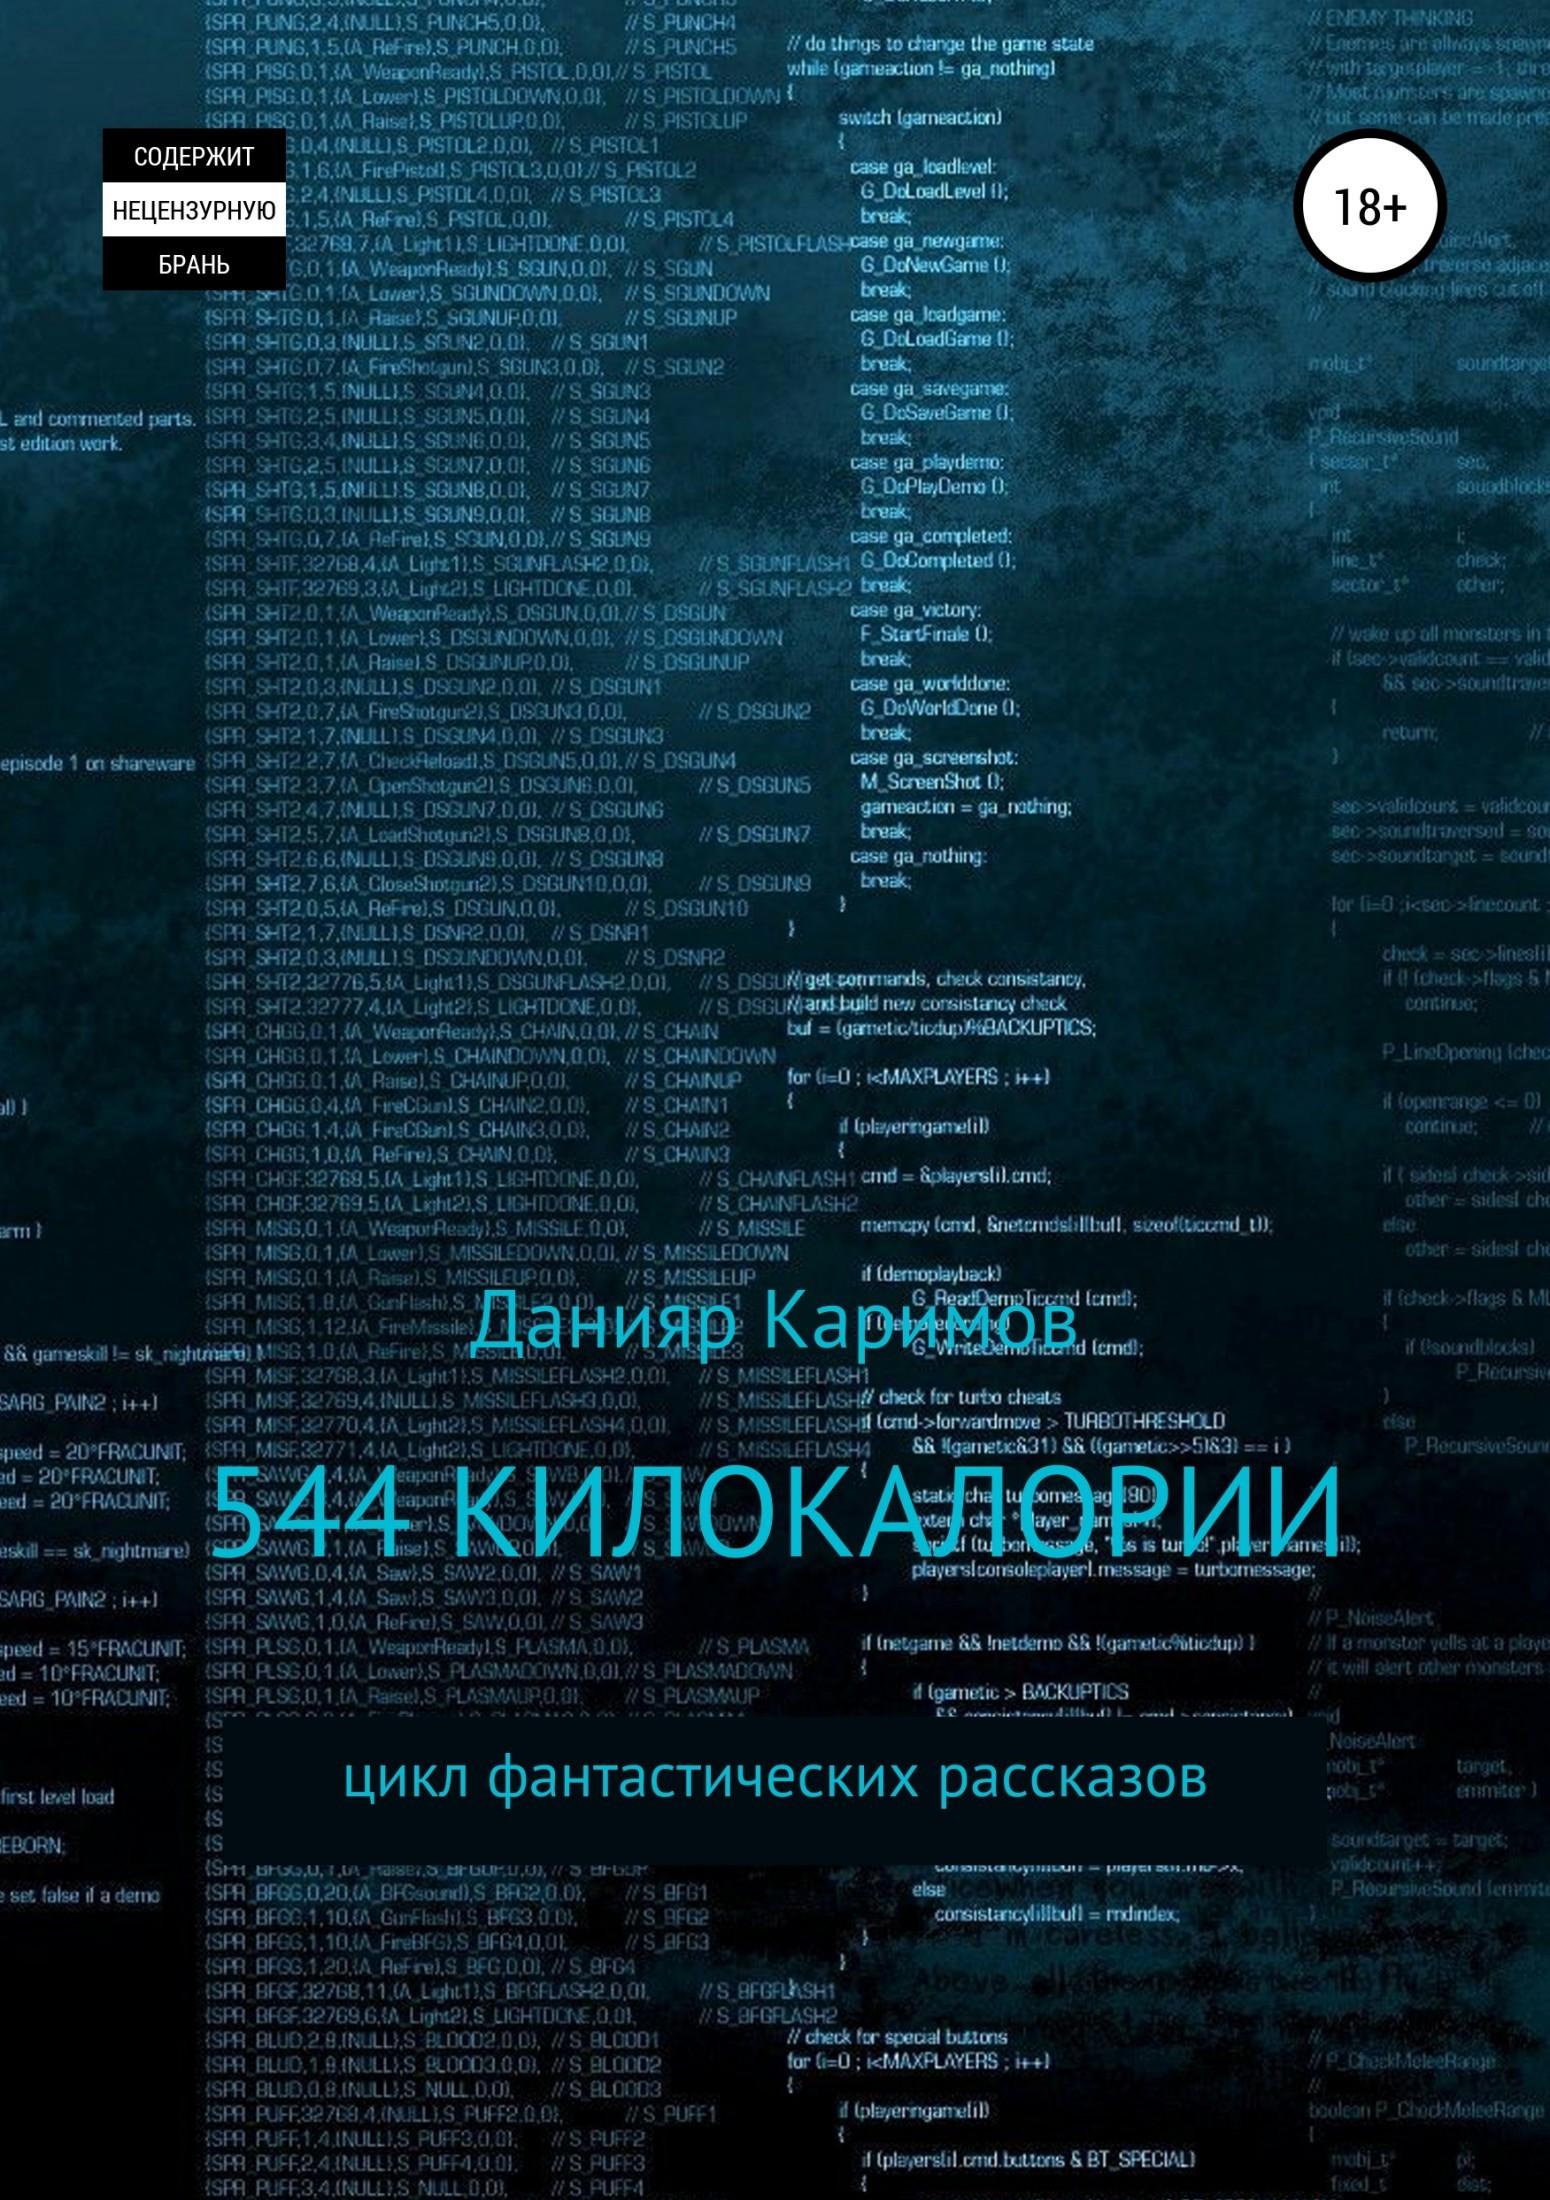 Данияр Каримов 544 килокалории. Сборник рассказов